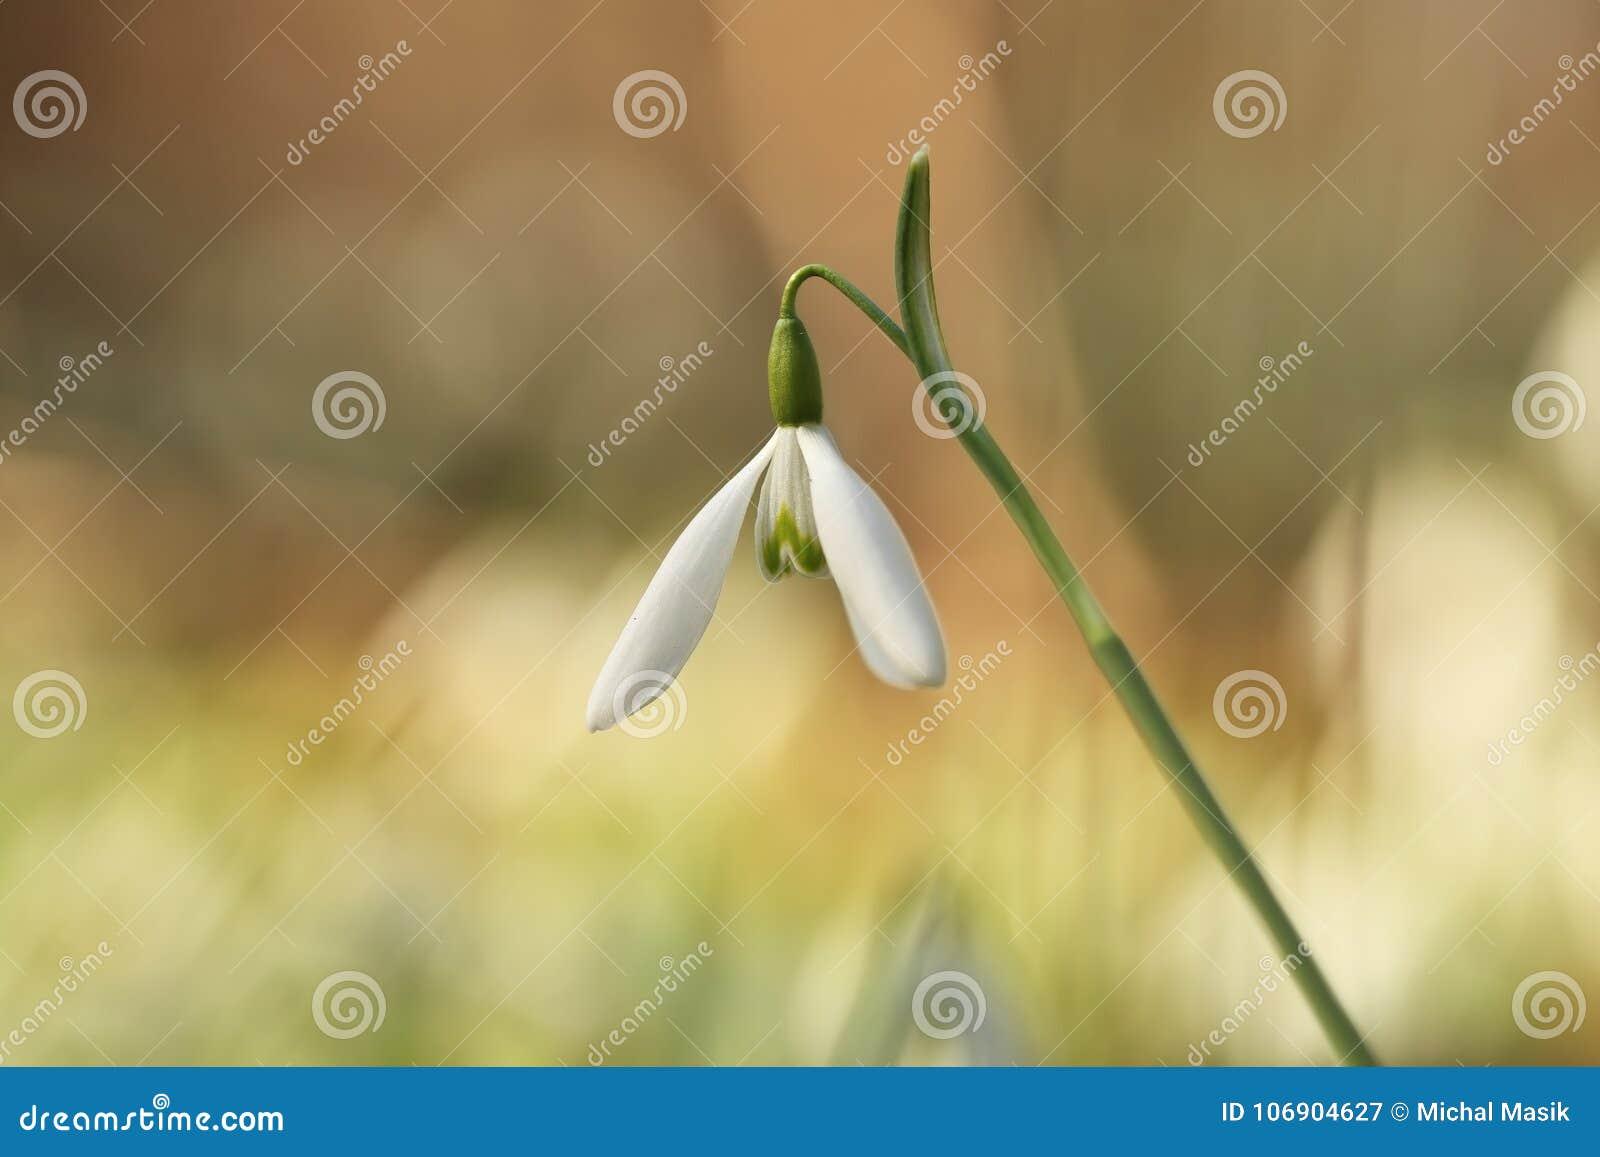 Galanthus nivalis Ja rozprzestrzenia przez Europa, Południowo-zachodni Azja i afrykę pólnocną,